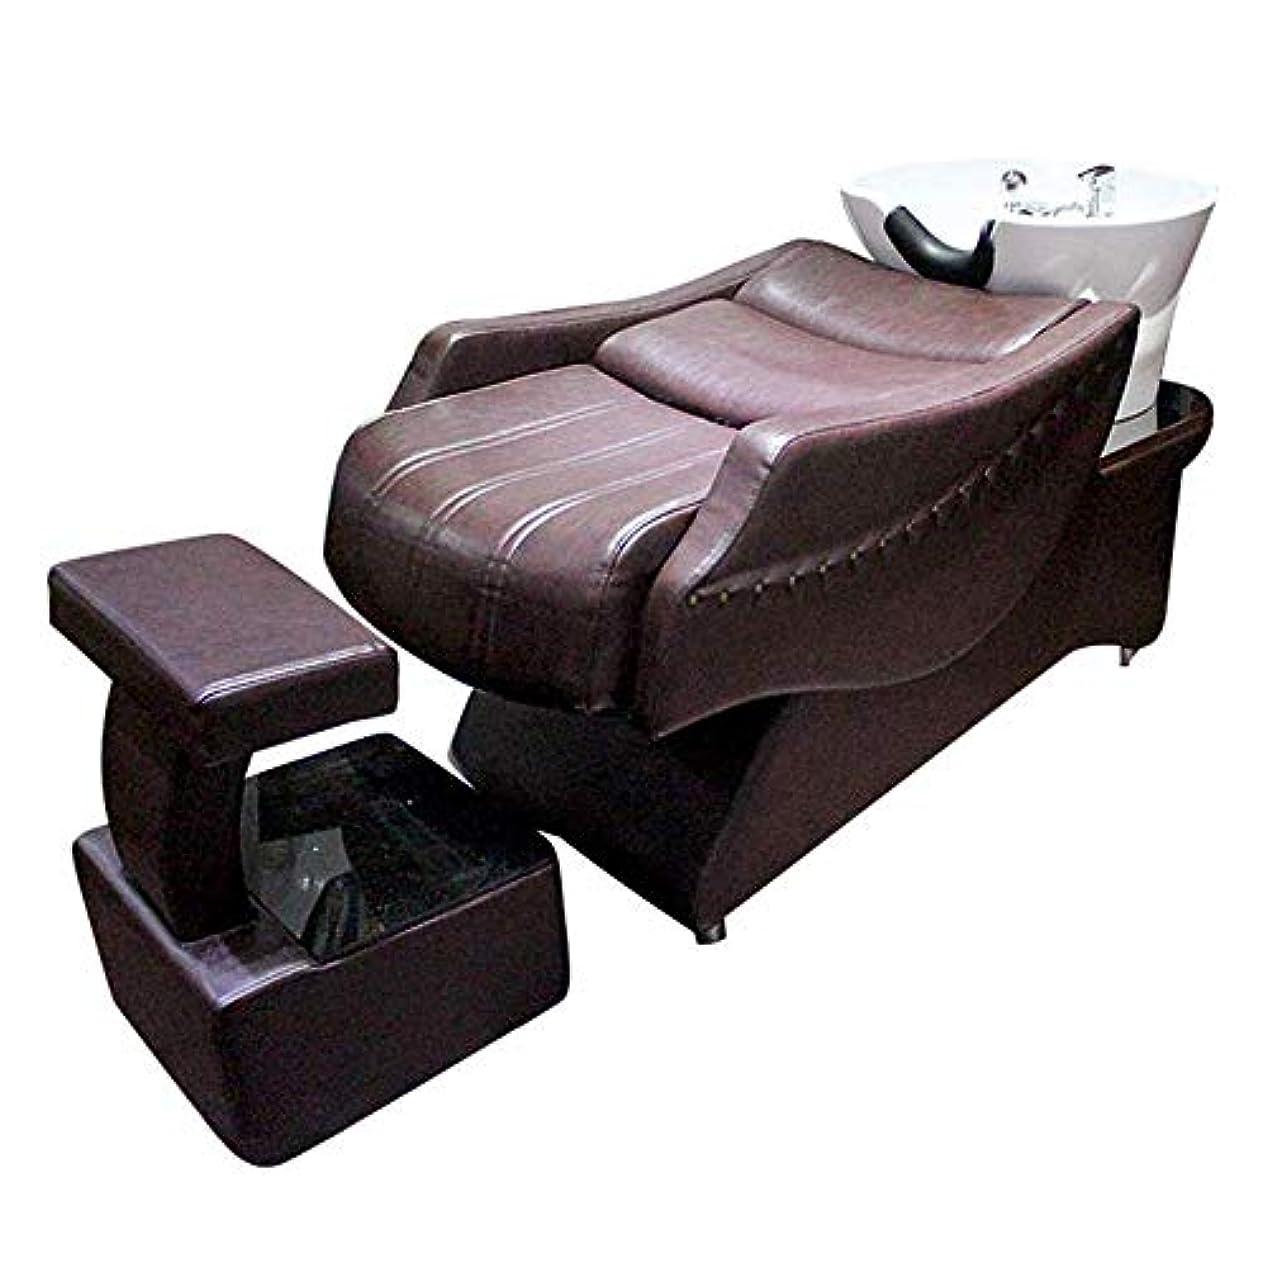 権限メーター破壊的シャンプーチェア、 高級な半横たわるシャンプーベッド逆洗ユニットシャンプーボウル理髪シンク椅子用スパビューティーサロン機器